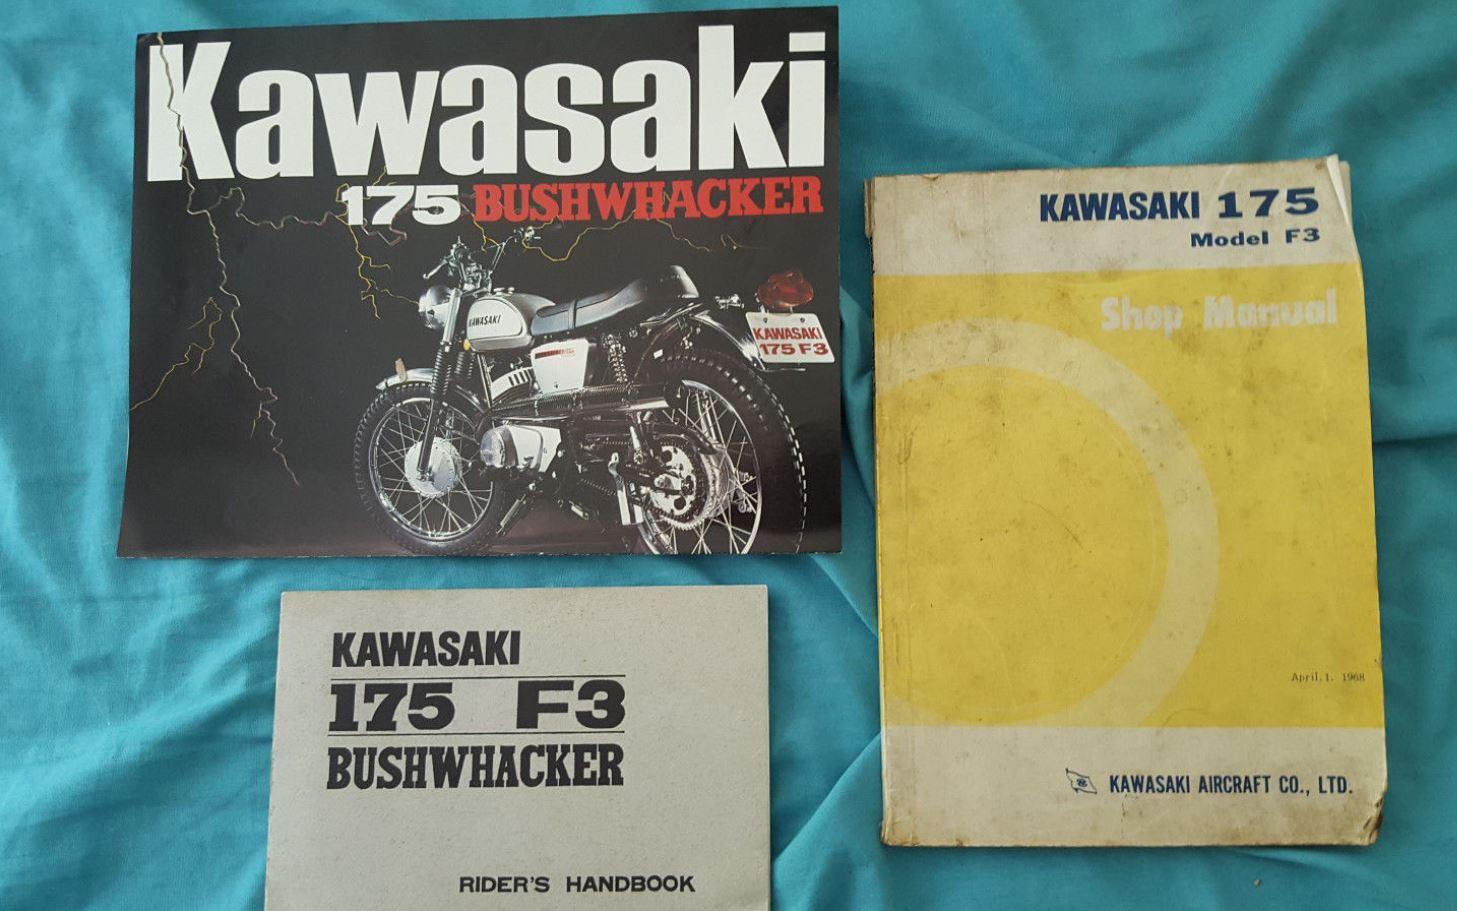 1968 Kawasaki Bushwacker F3 175 – Bike-urious